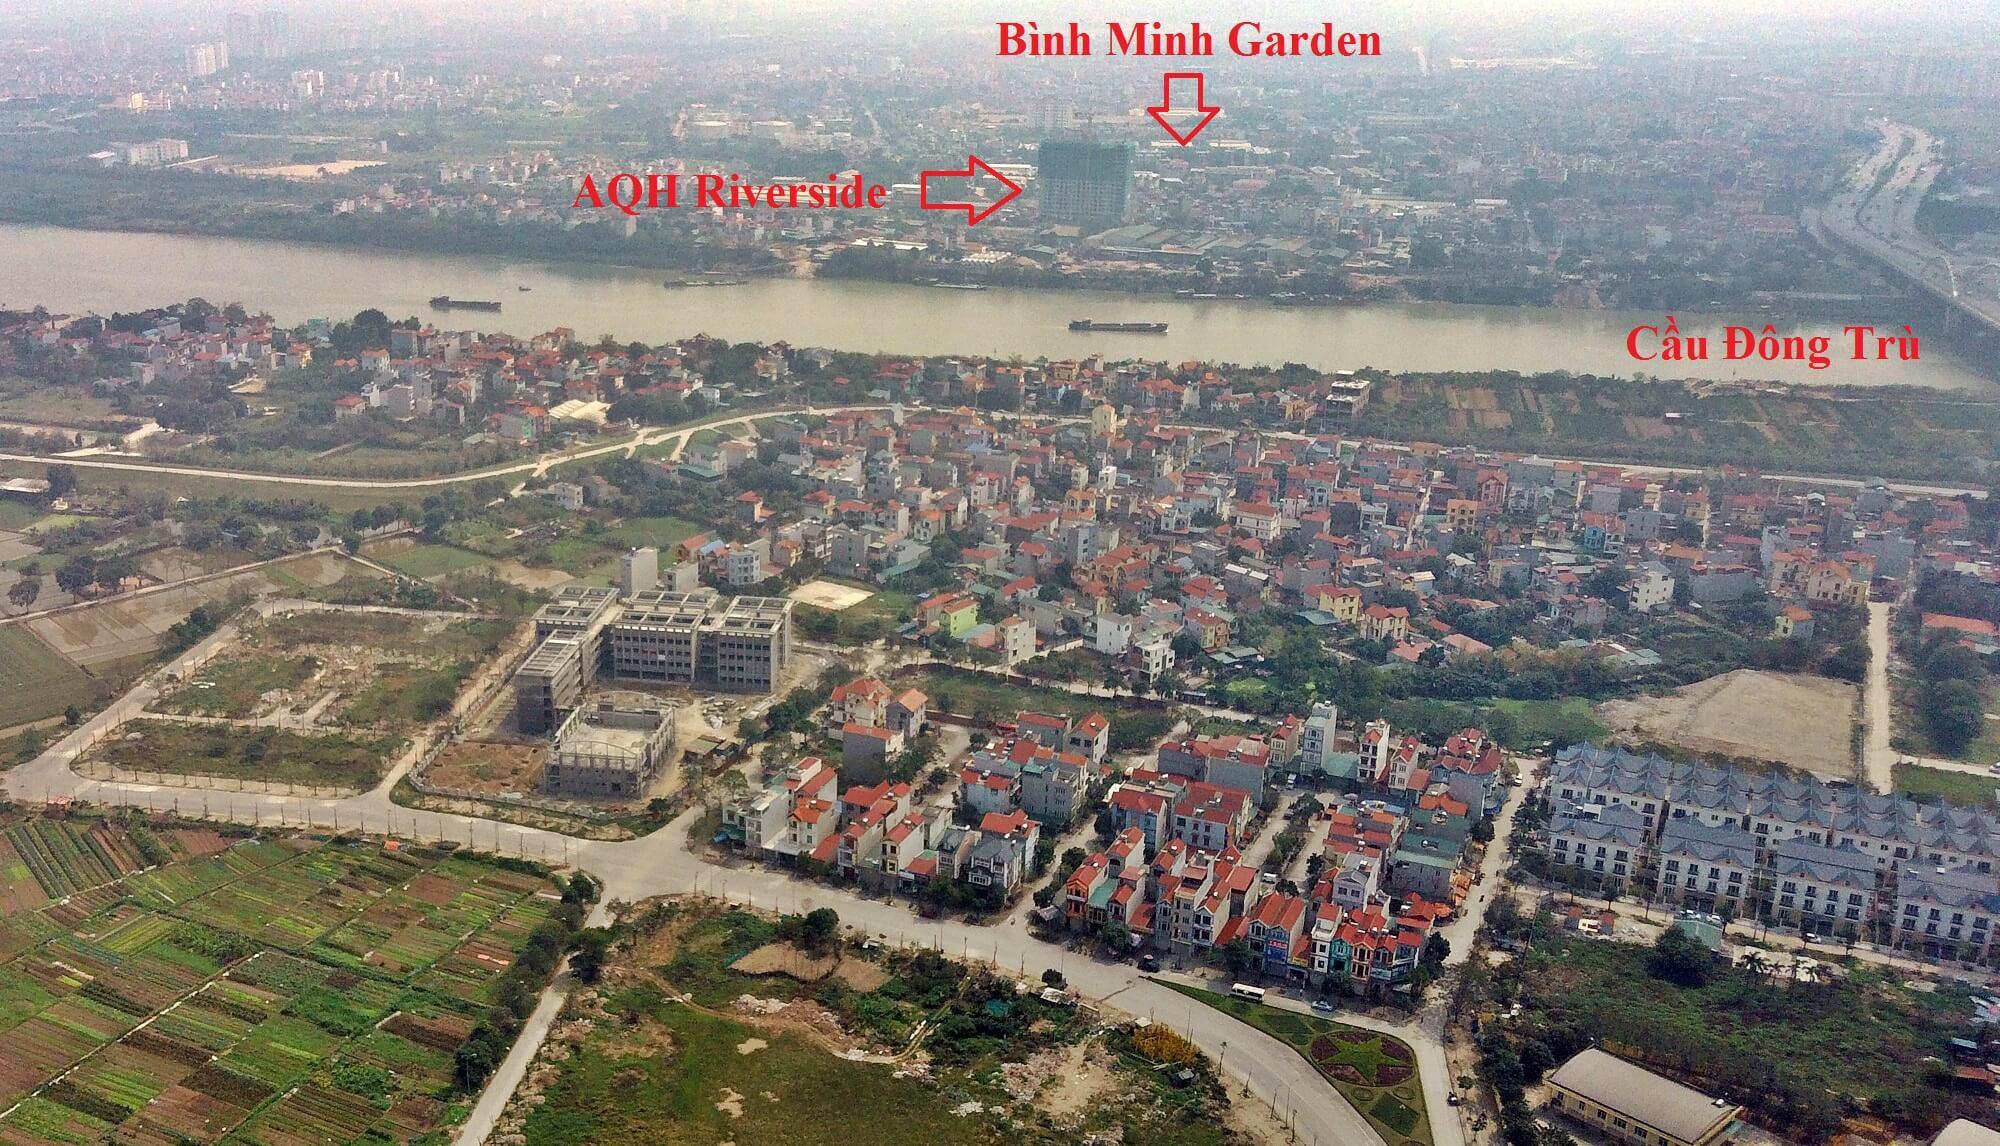 Hình ảnh thực tế vị trí của Bình Minh Garden và AQH Riverside.